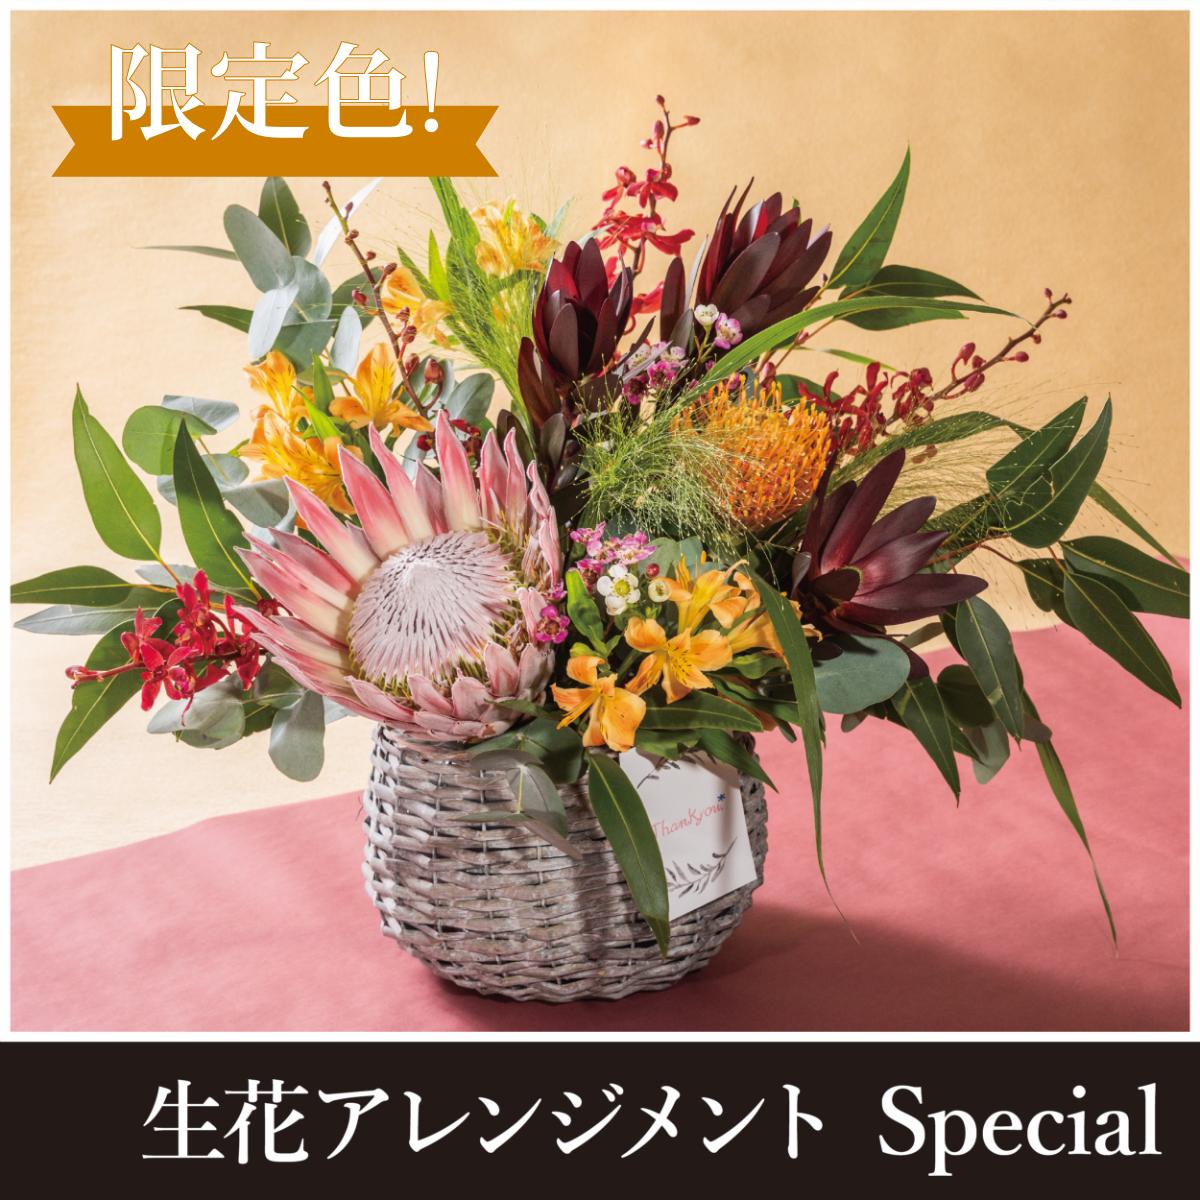 敬老の日限定販売】生花アレンジメントSpecial